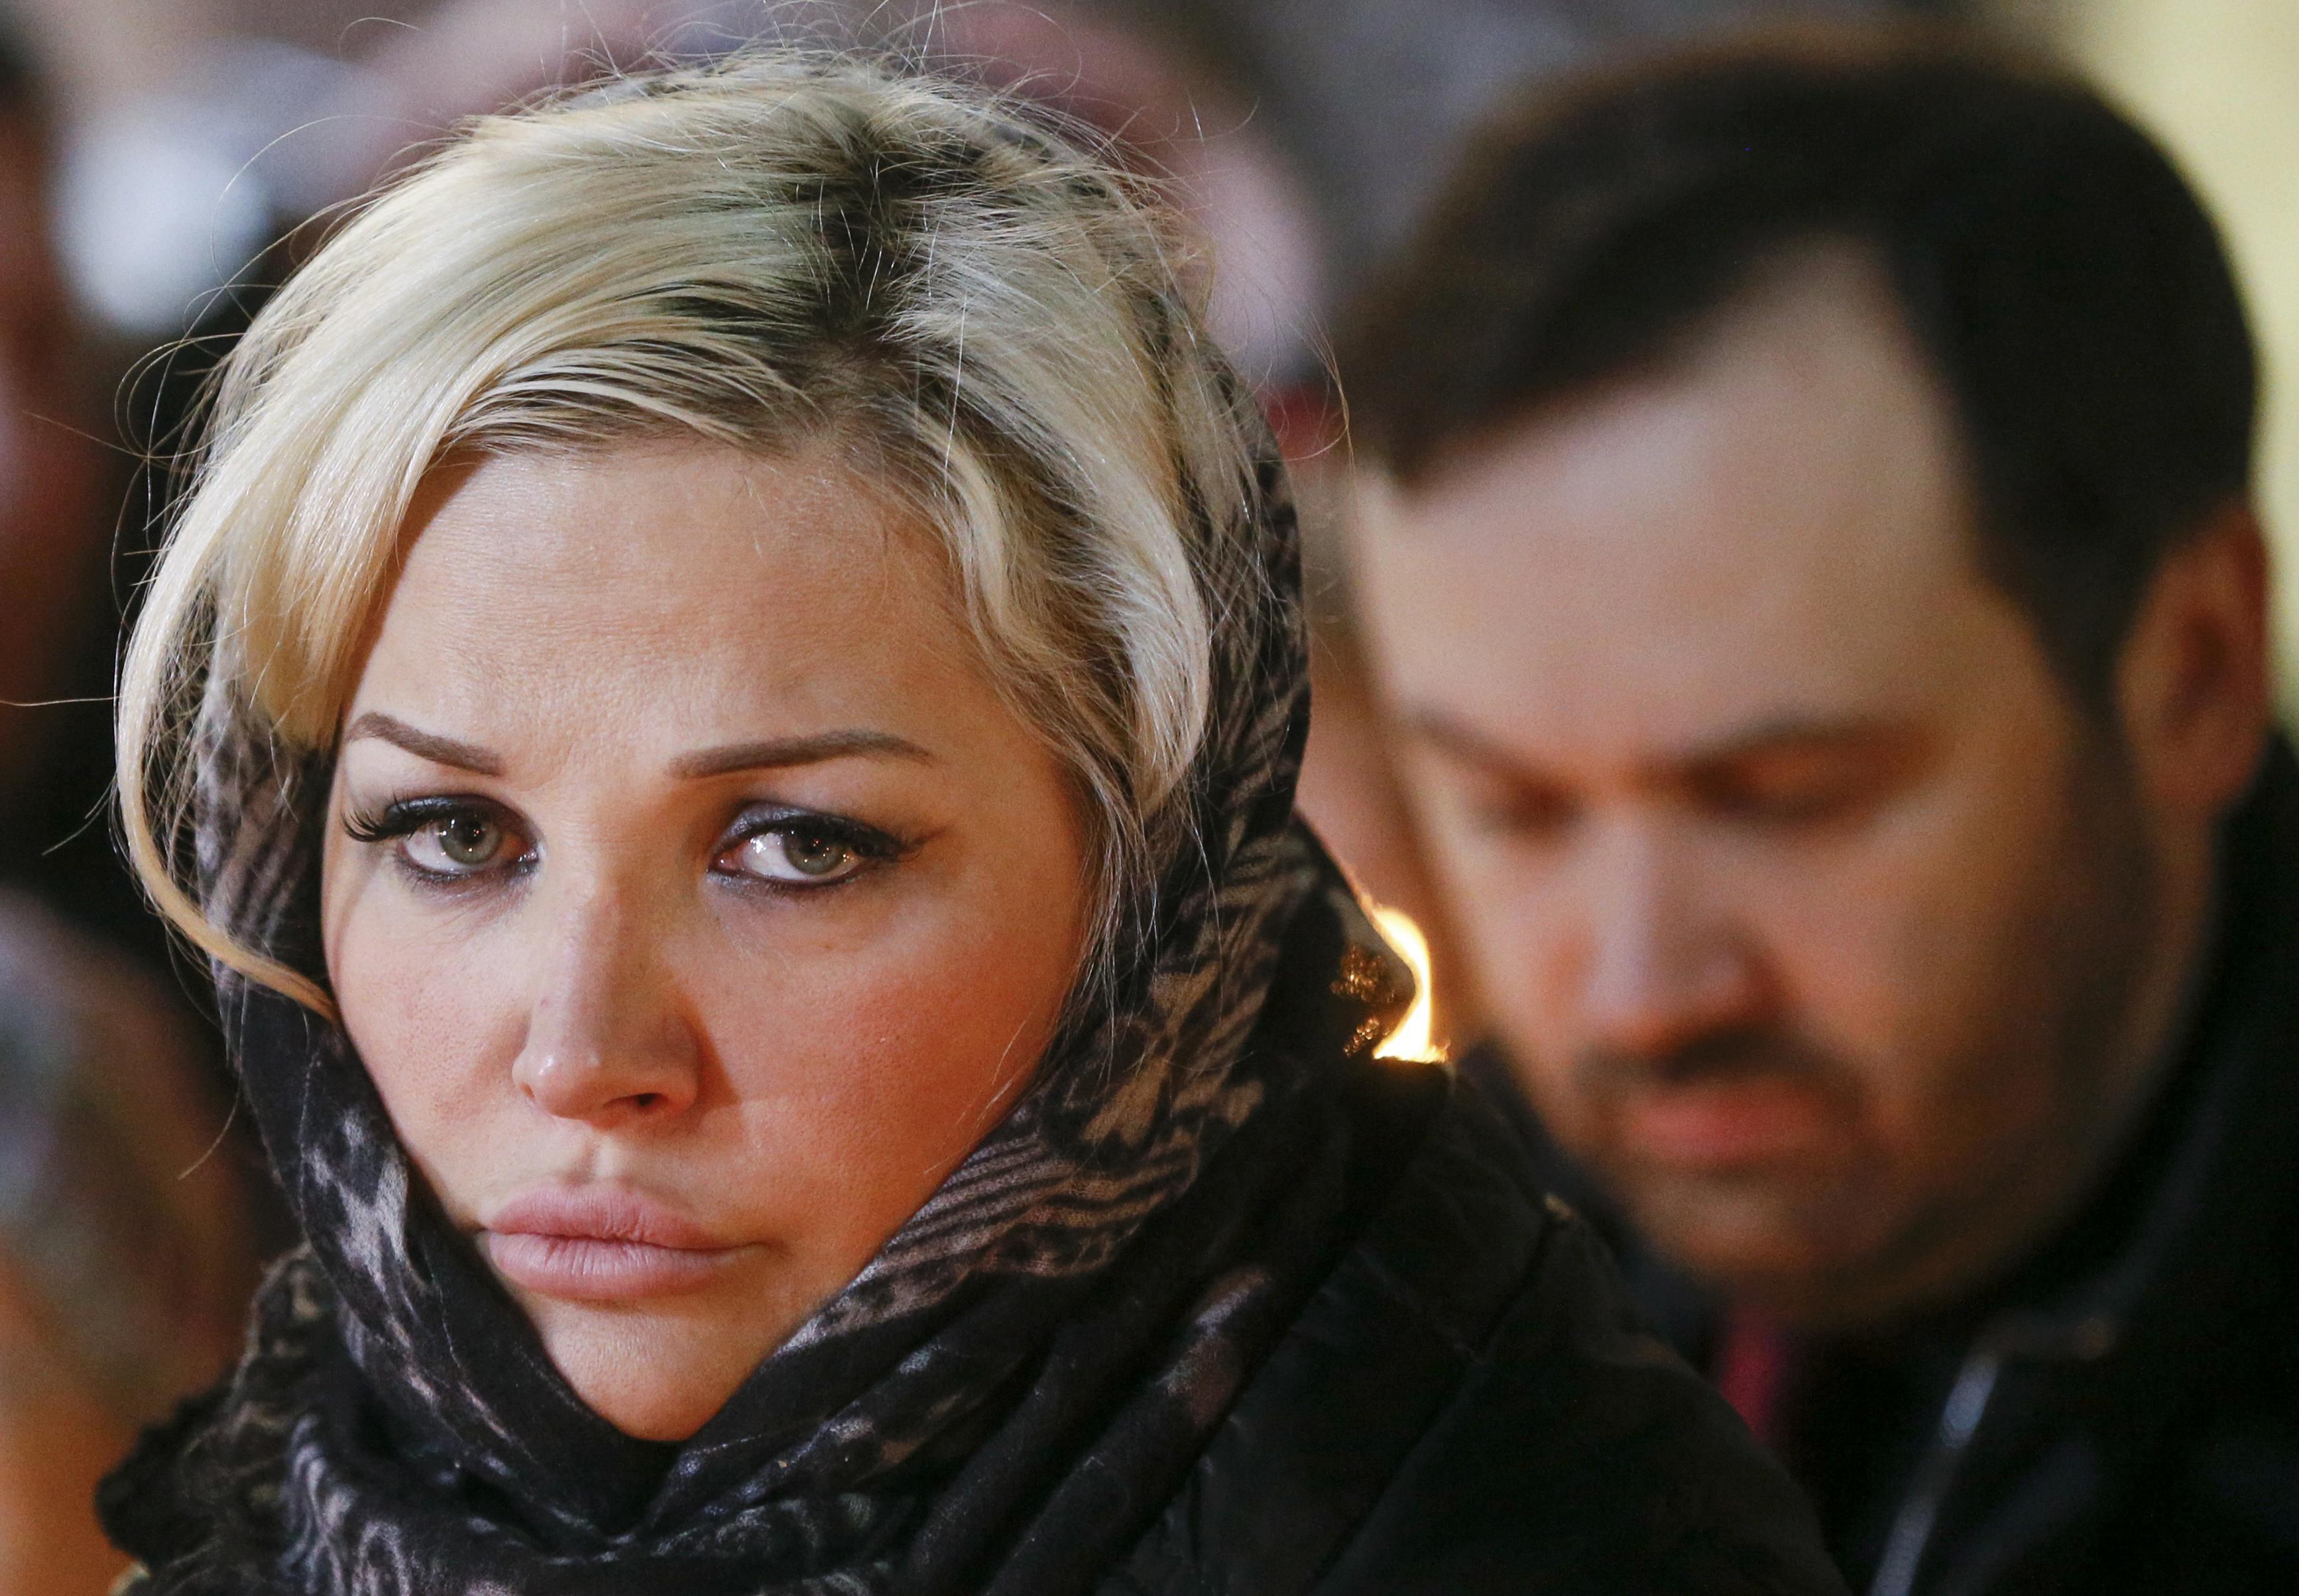 Мария Максакова и Илья Пономарев на похоронах Вороненкова.